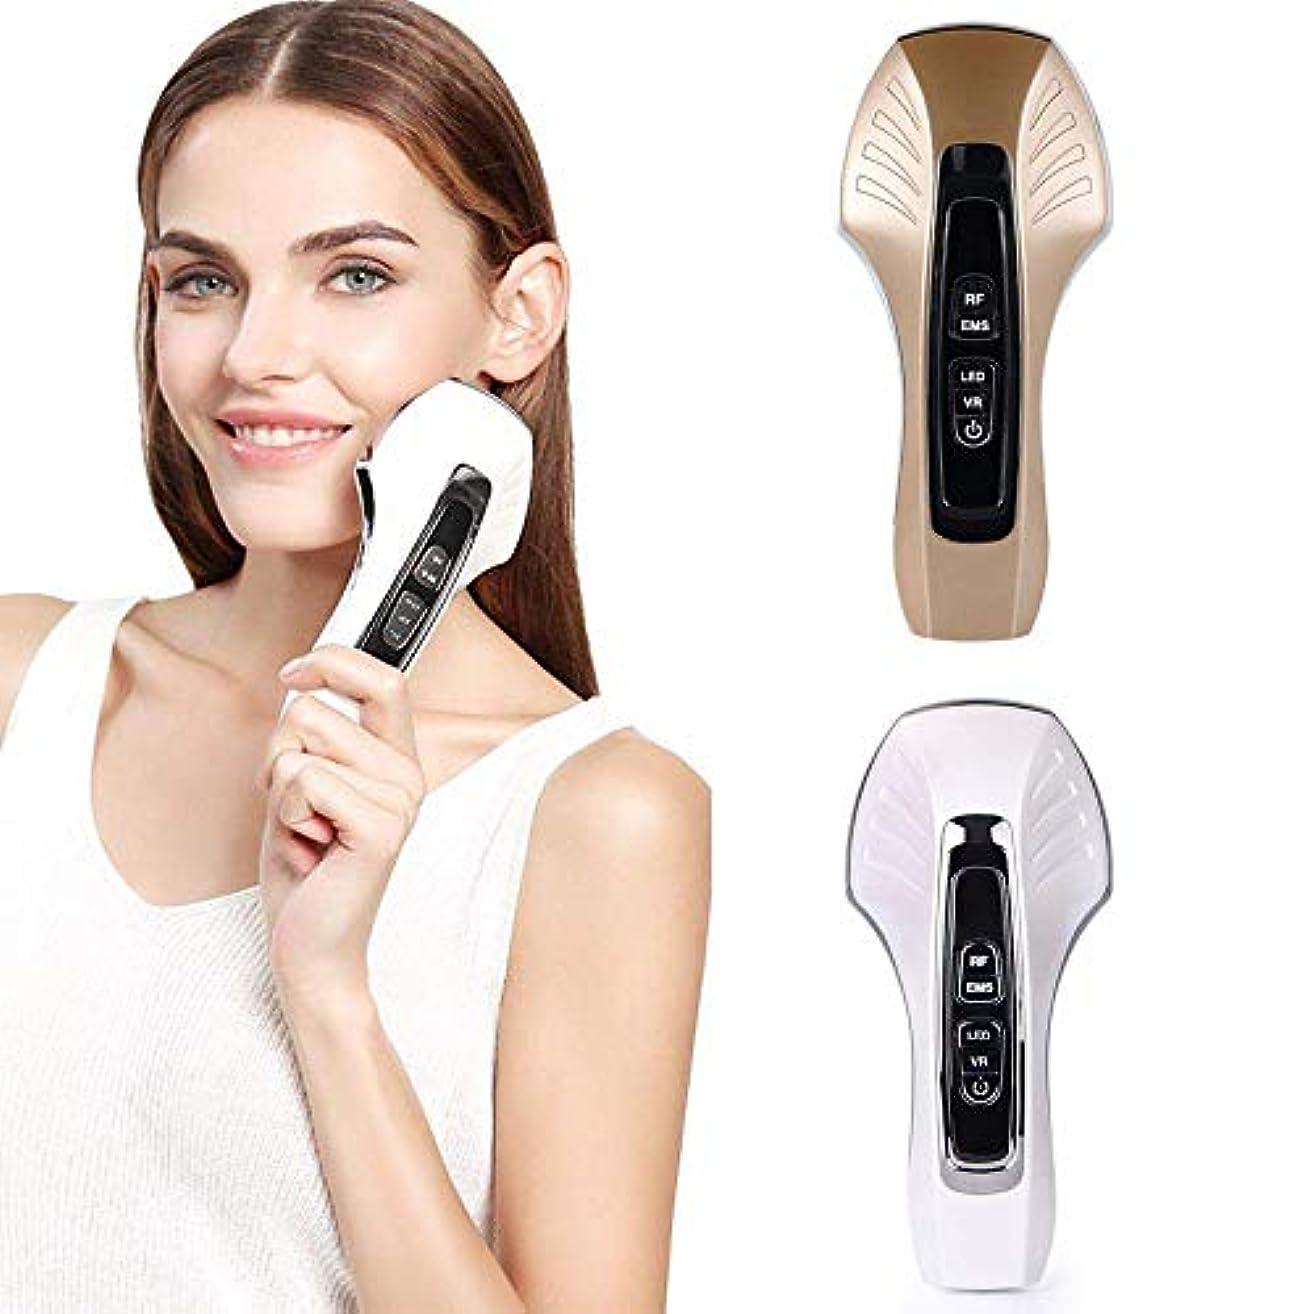 お尻女性陸軍EMS微細電流フェイシャル振動マッサージ顔、顔の薄い顔RF無線周波数美容器具ホワイトニング及び若返りマッサージと顔リフティング